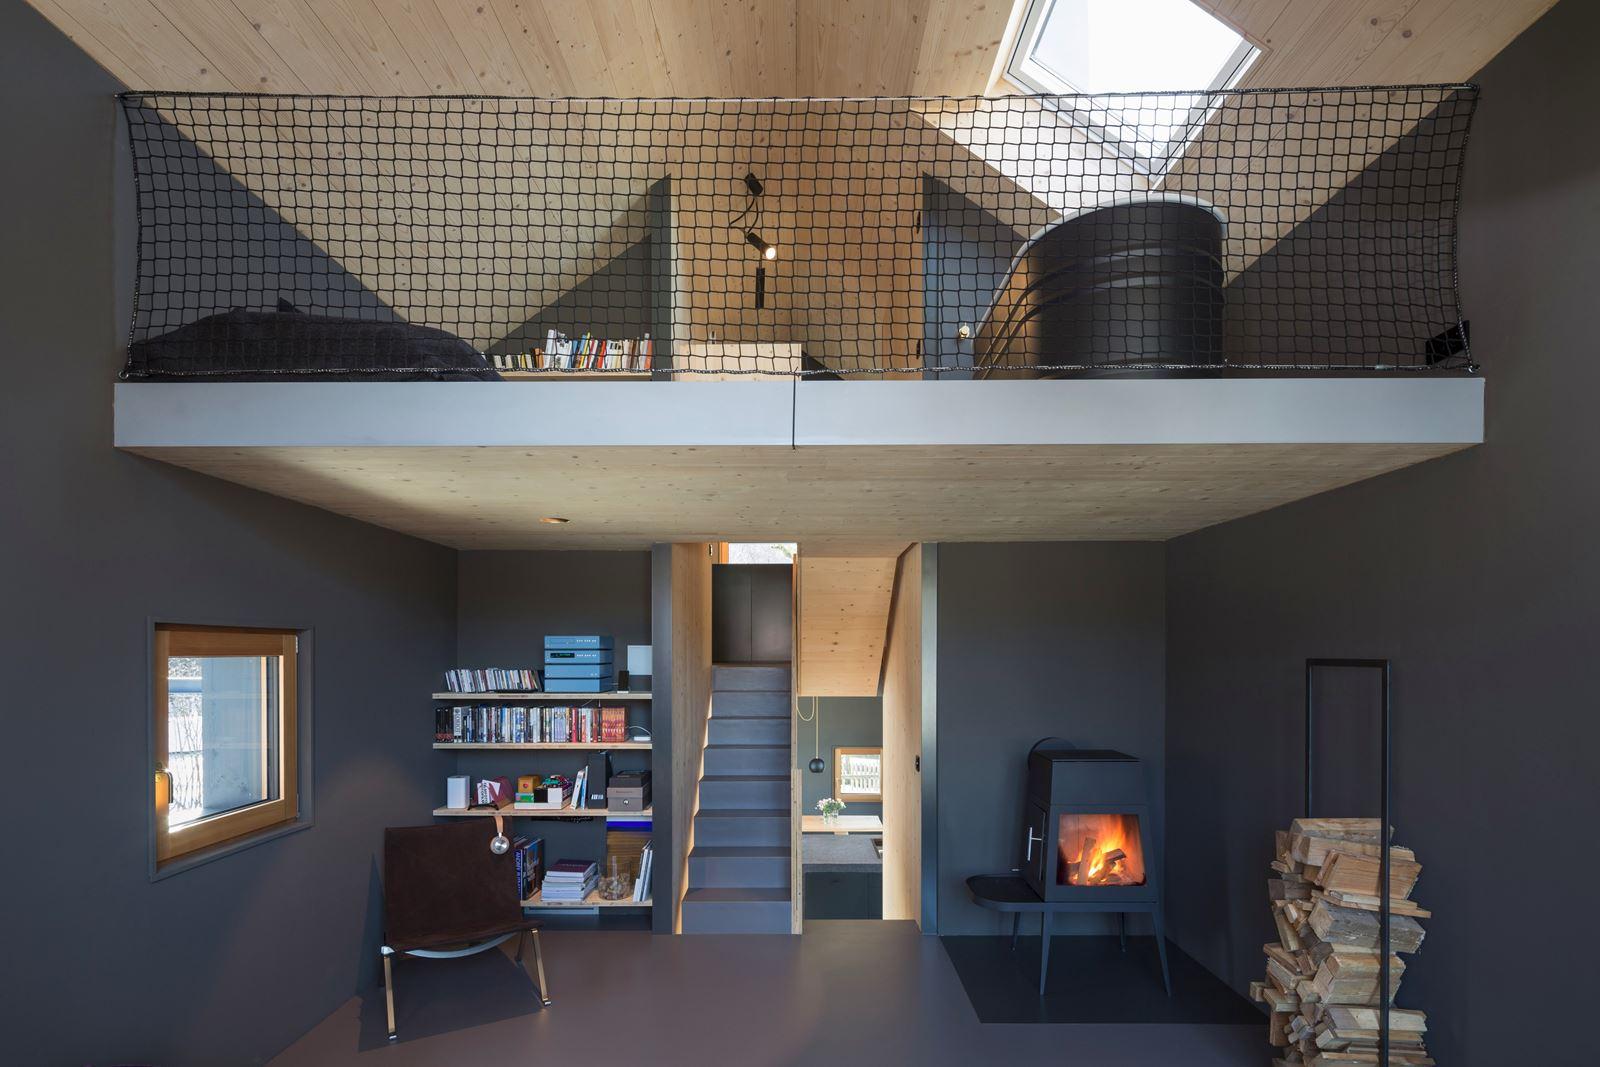 Un casa in legno a risparmio energetico - Risparmio energetico casa ...